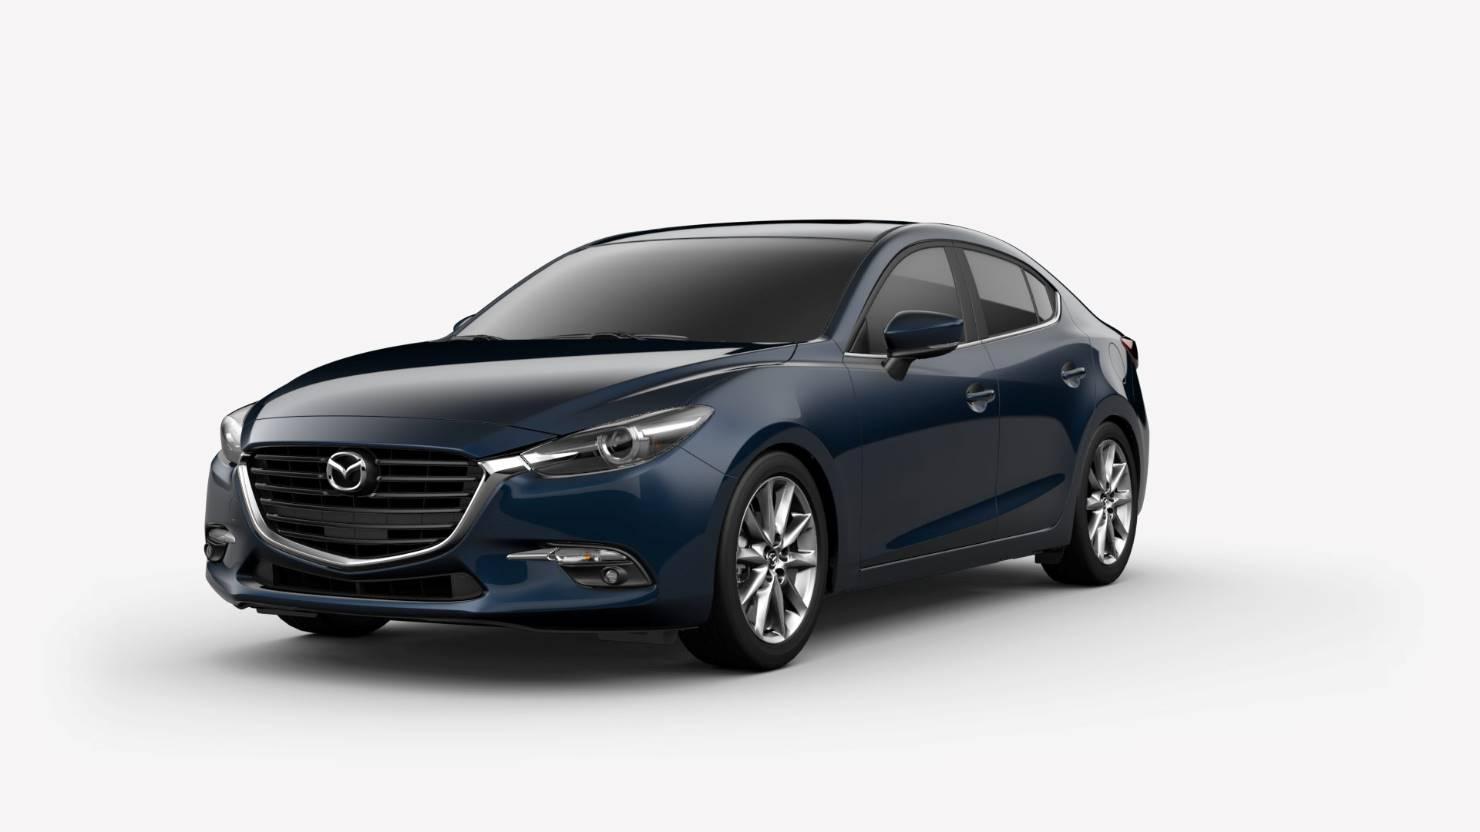 2018 Mazda3 Sedan, Deep Crystal